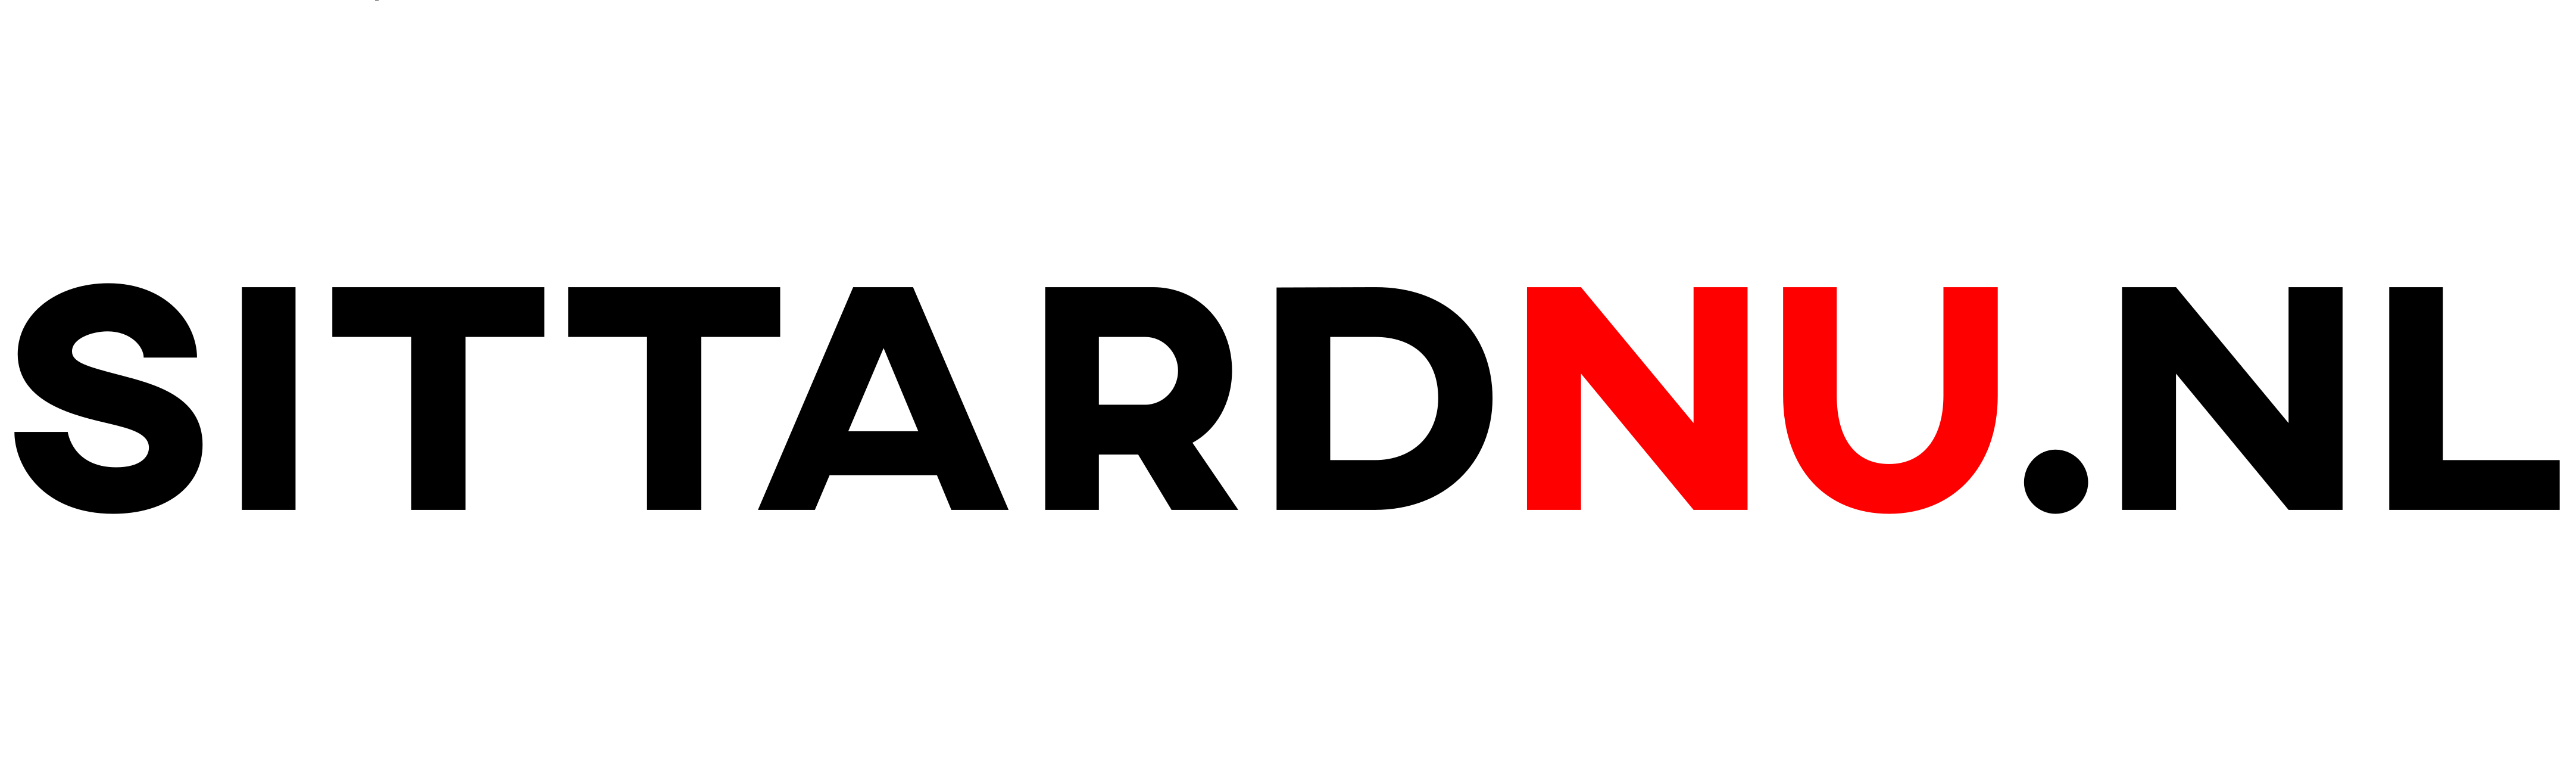 Sittardnu logo